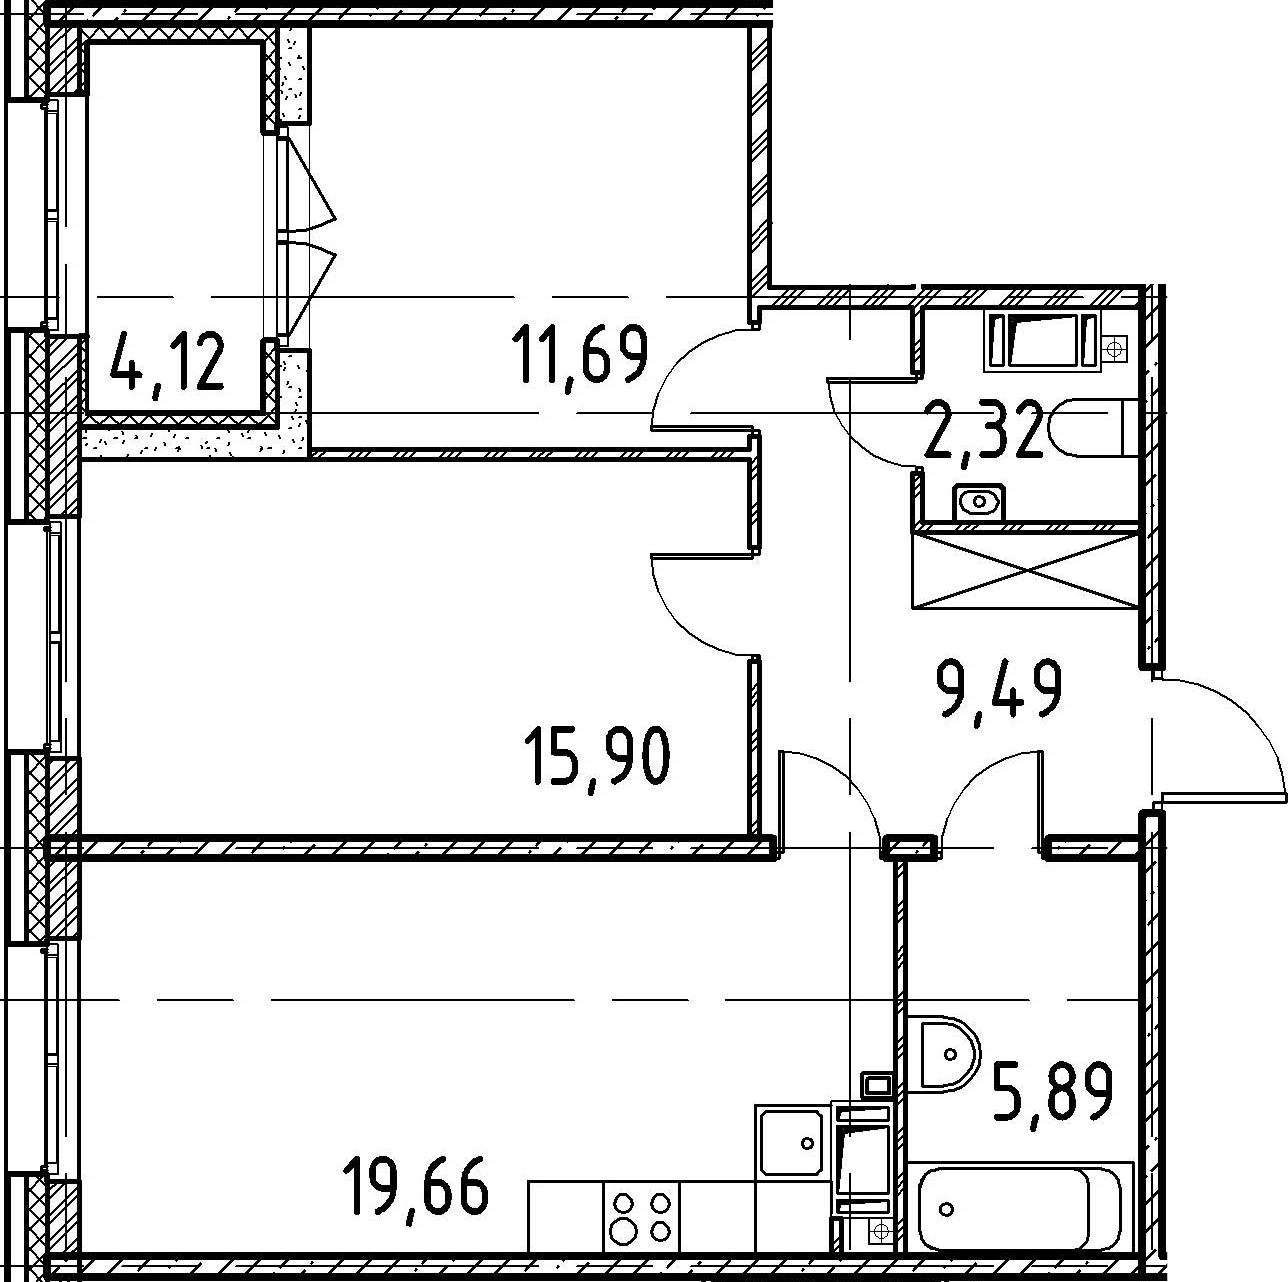 2-комнатная, 64.95 м²– 2